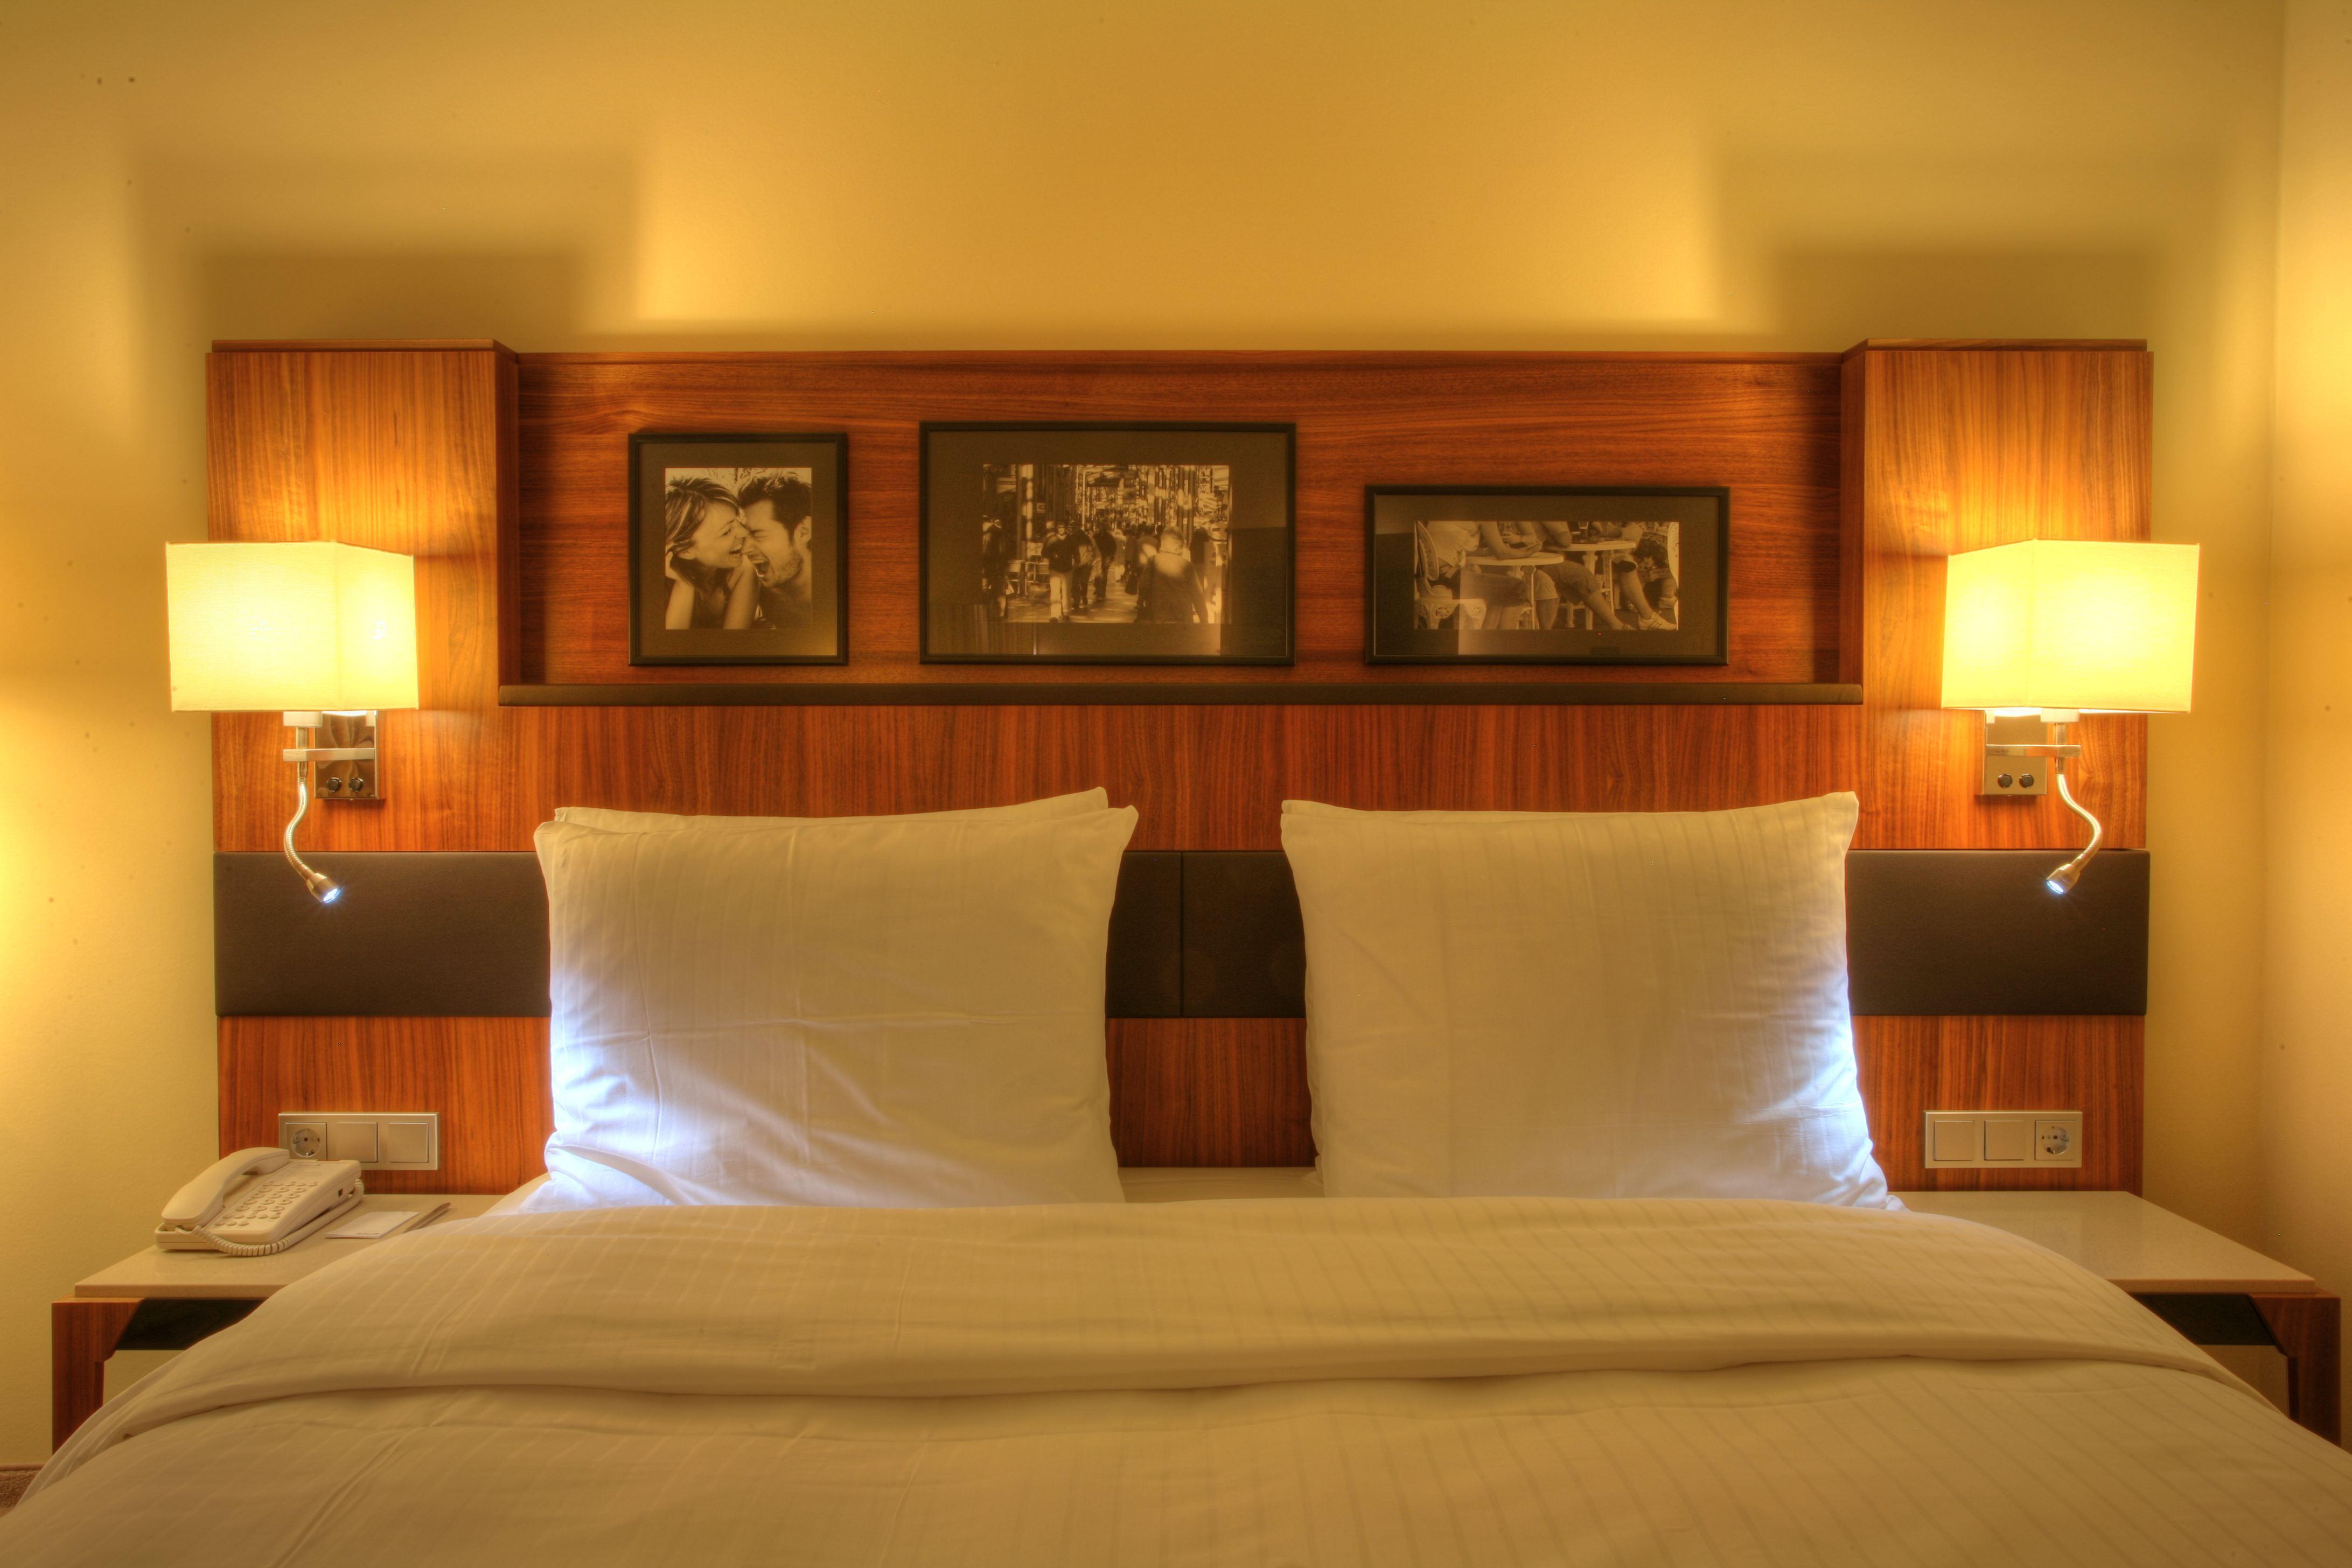 Leuchten Hotelzimmer Peters-Leuchten